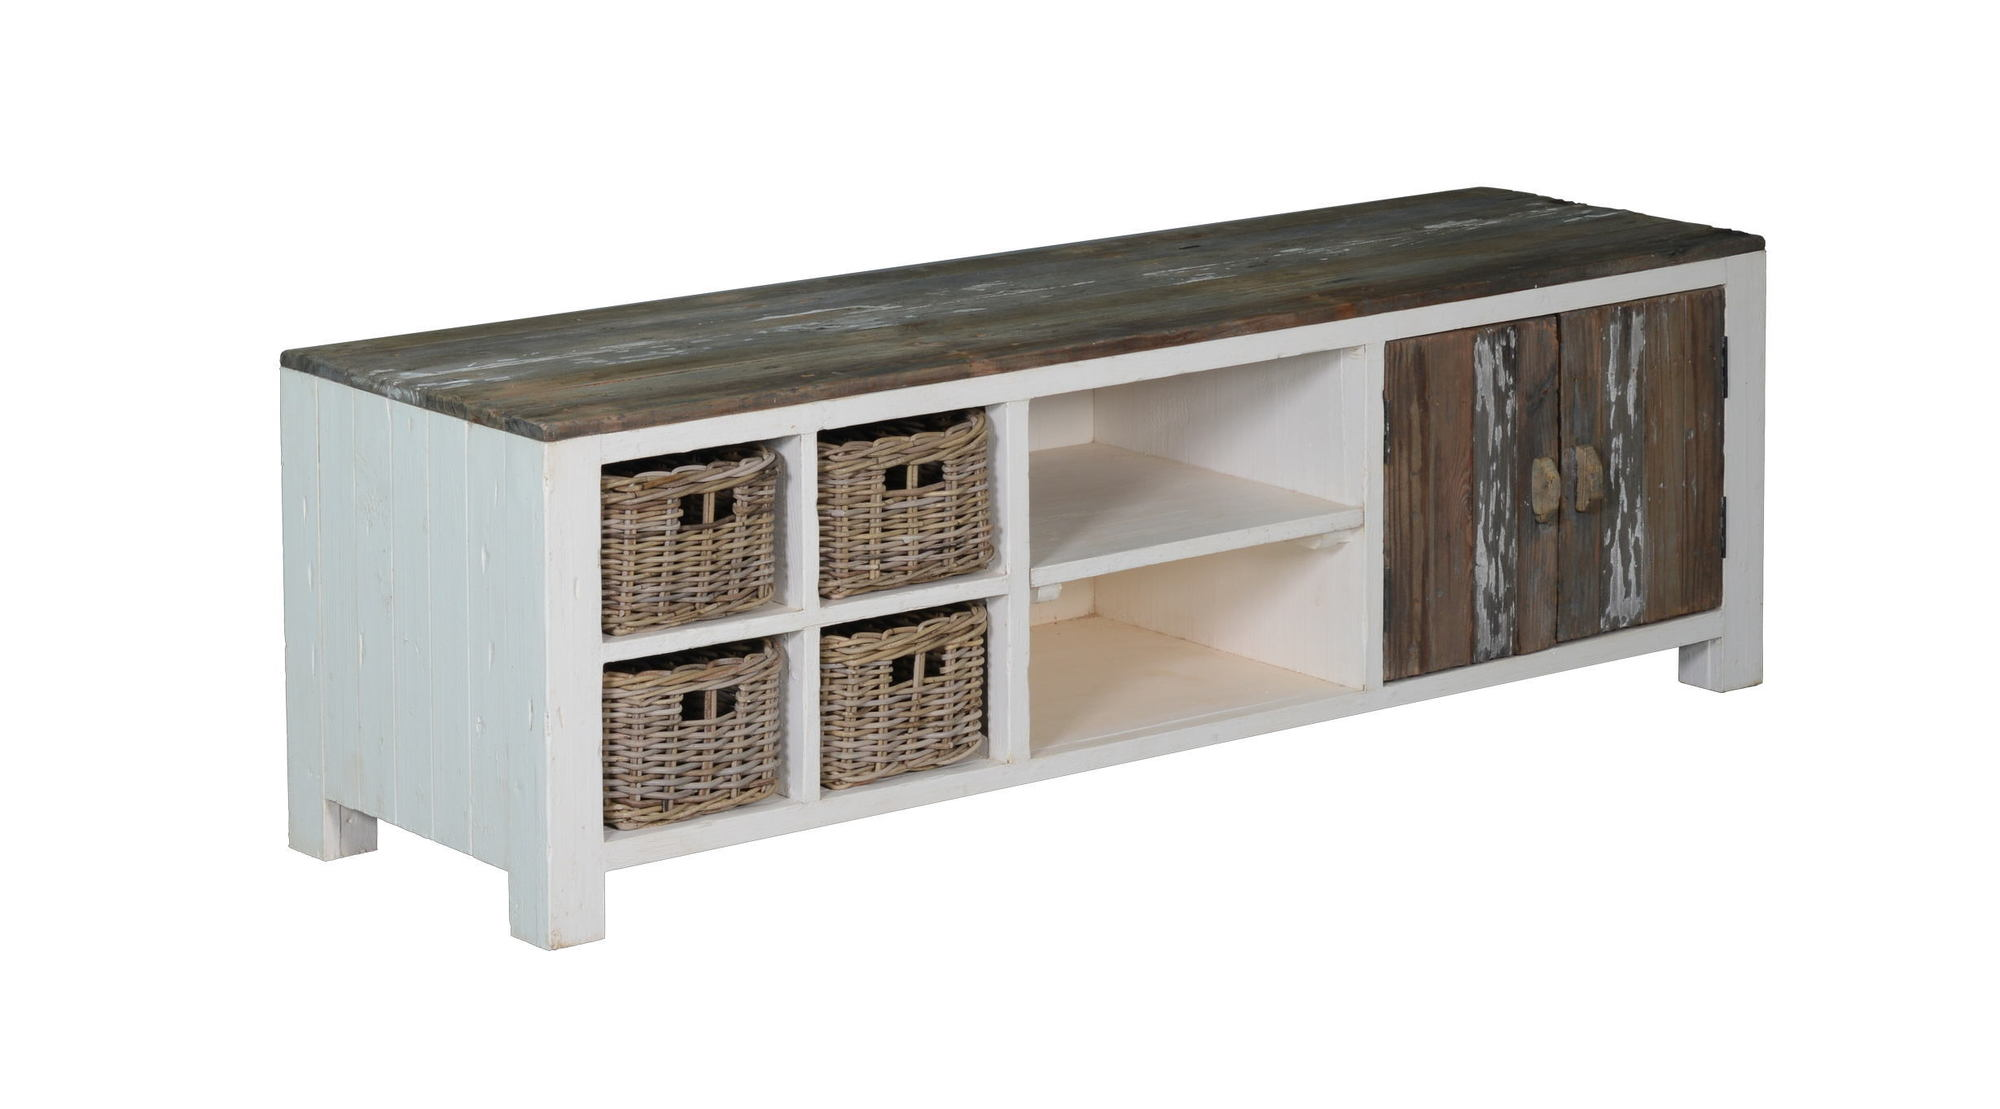 kasten-daan-tv dressoir-towerliving-KL 0106-180cm-grenen-oud wit-grijs-vintage-mandjes